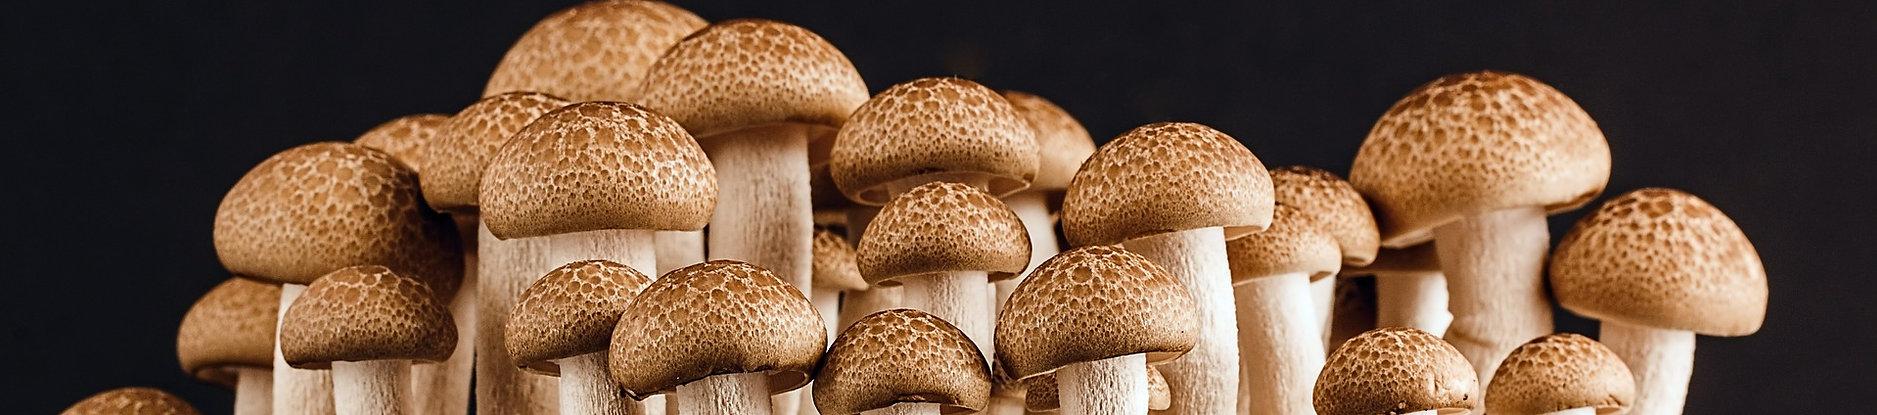 Mushrooms - Pulsed UV - Vitamin D Enriched